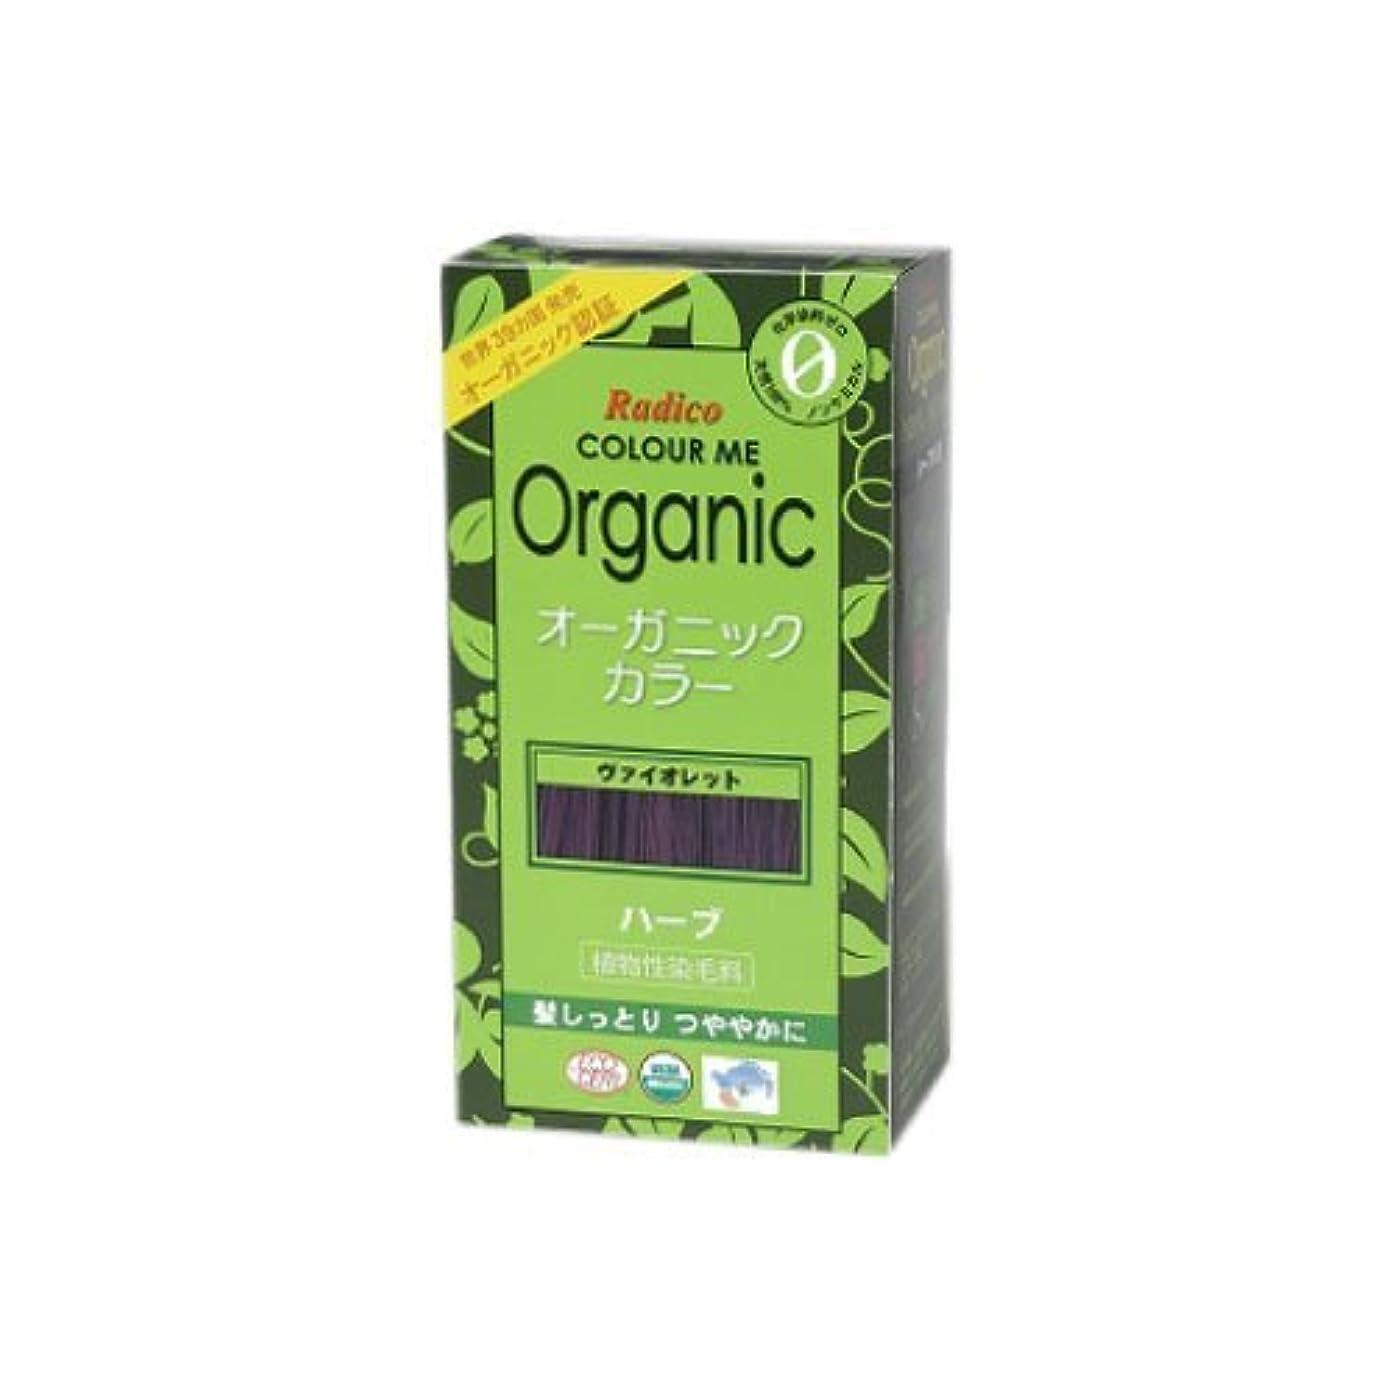 前進傾く意見COLOURME Organic (カラーミーオーガニック ヘナ 白髪用 紫色) ヴァイオレット 100g